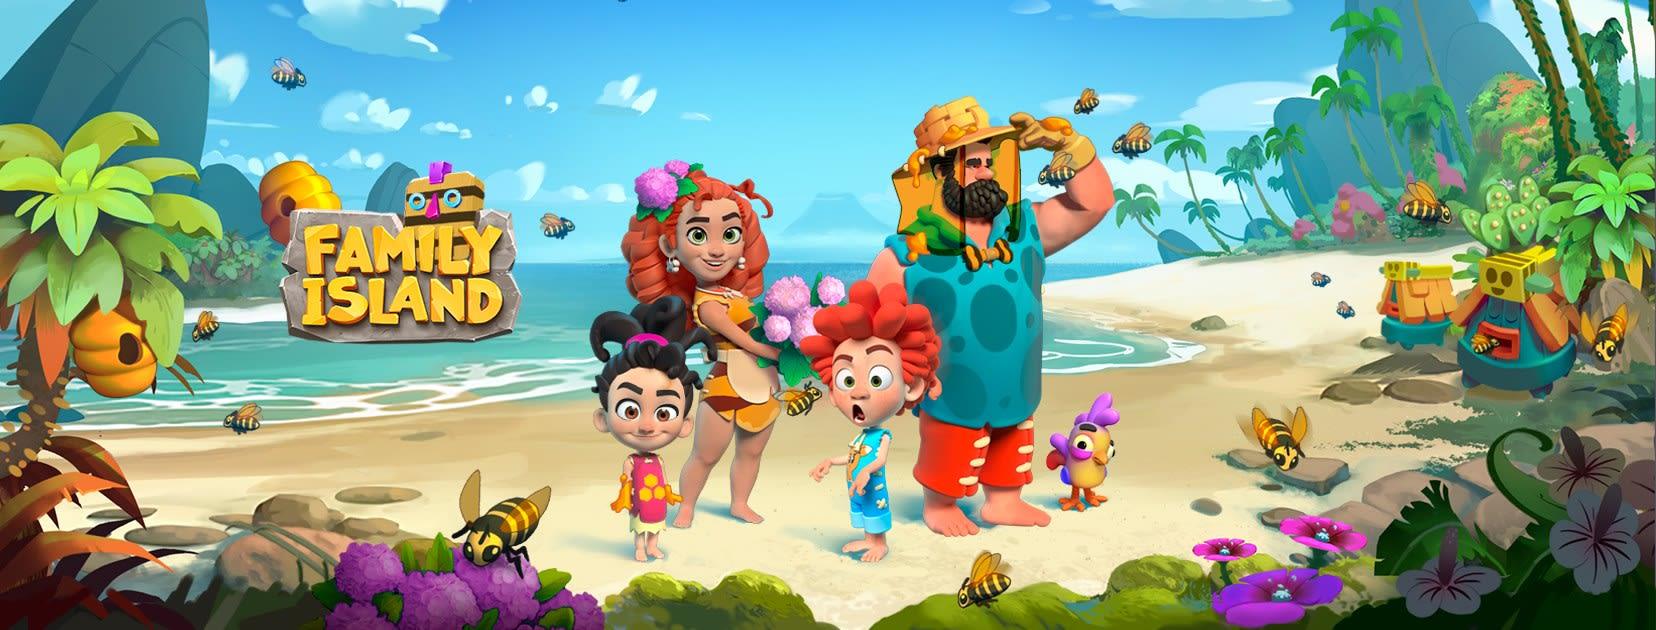 המשחק של מלספוט - Family Island / צילום: יחצ